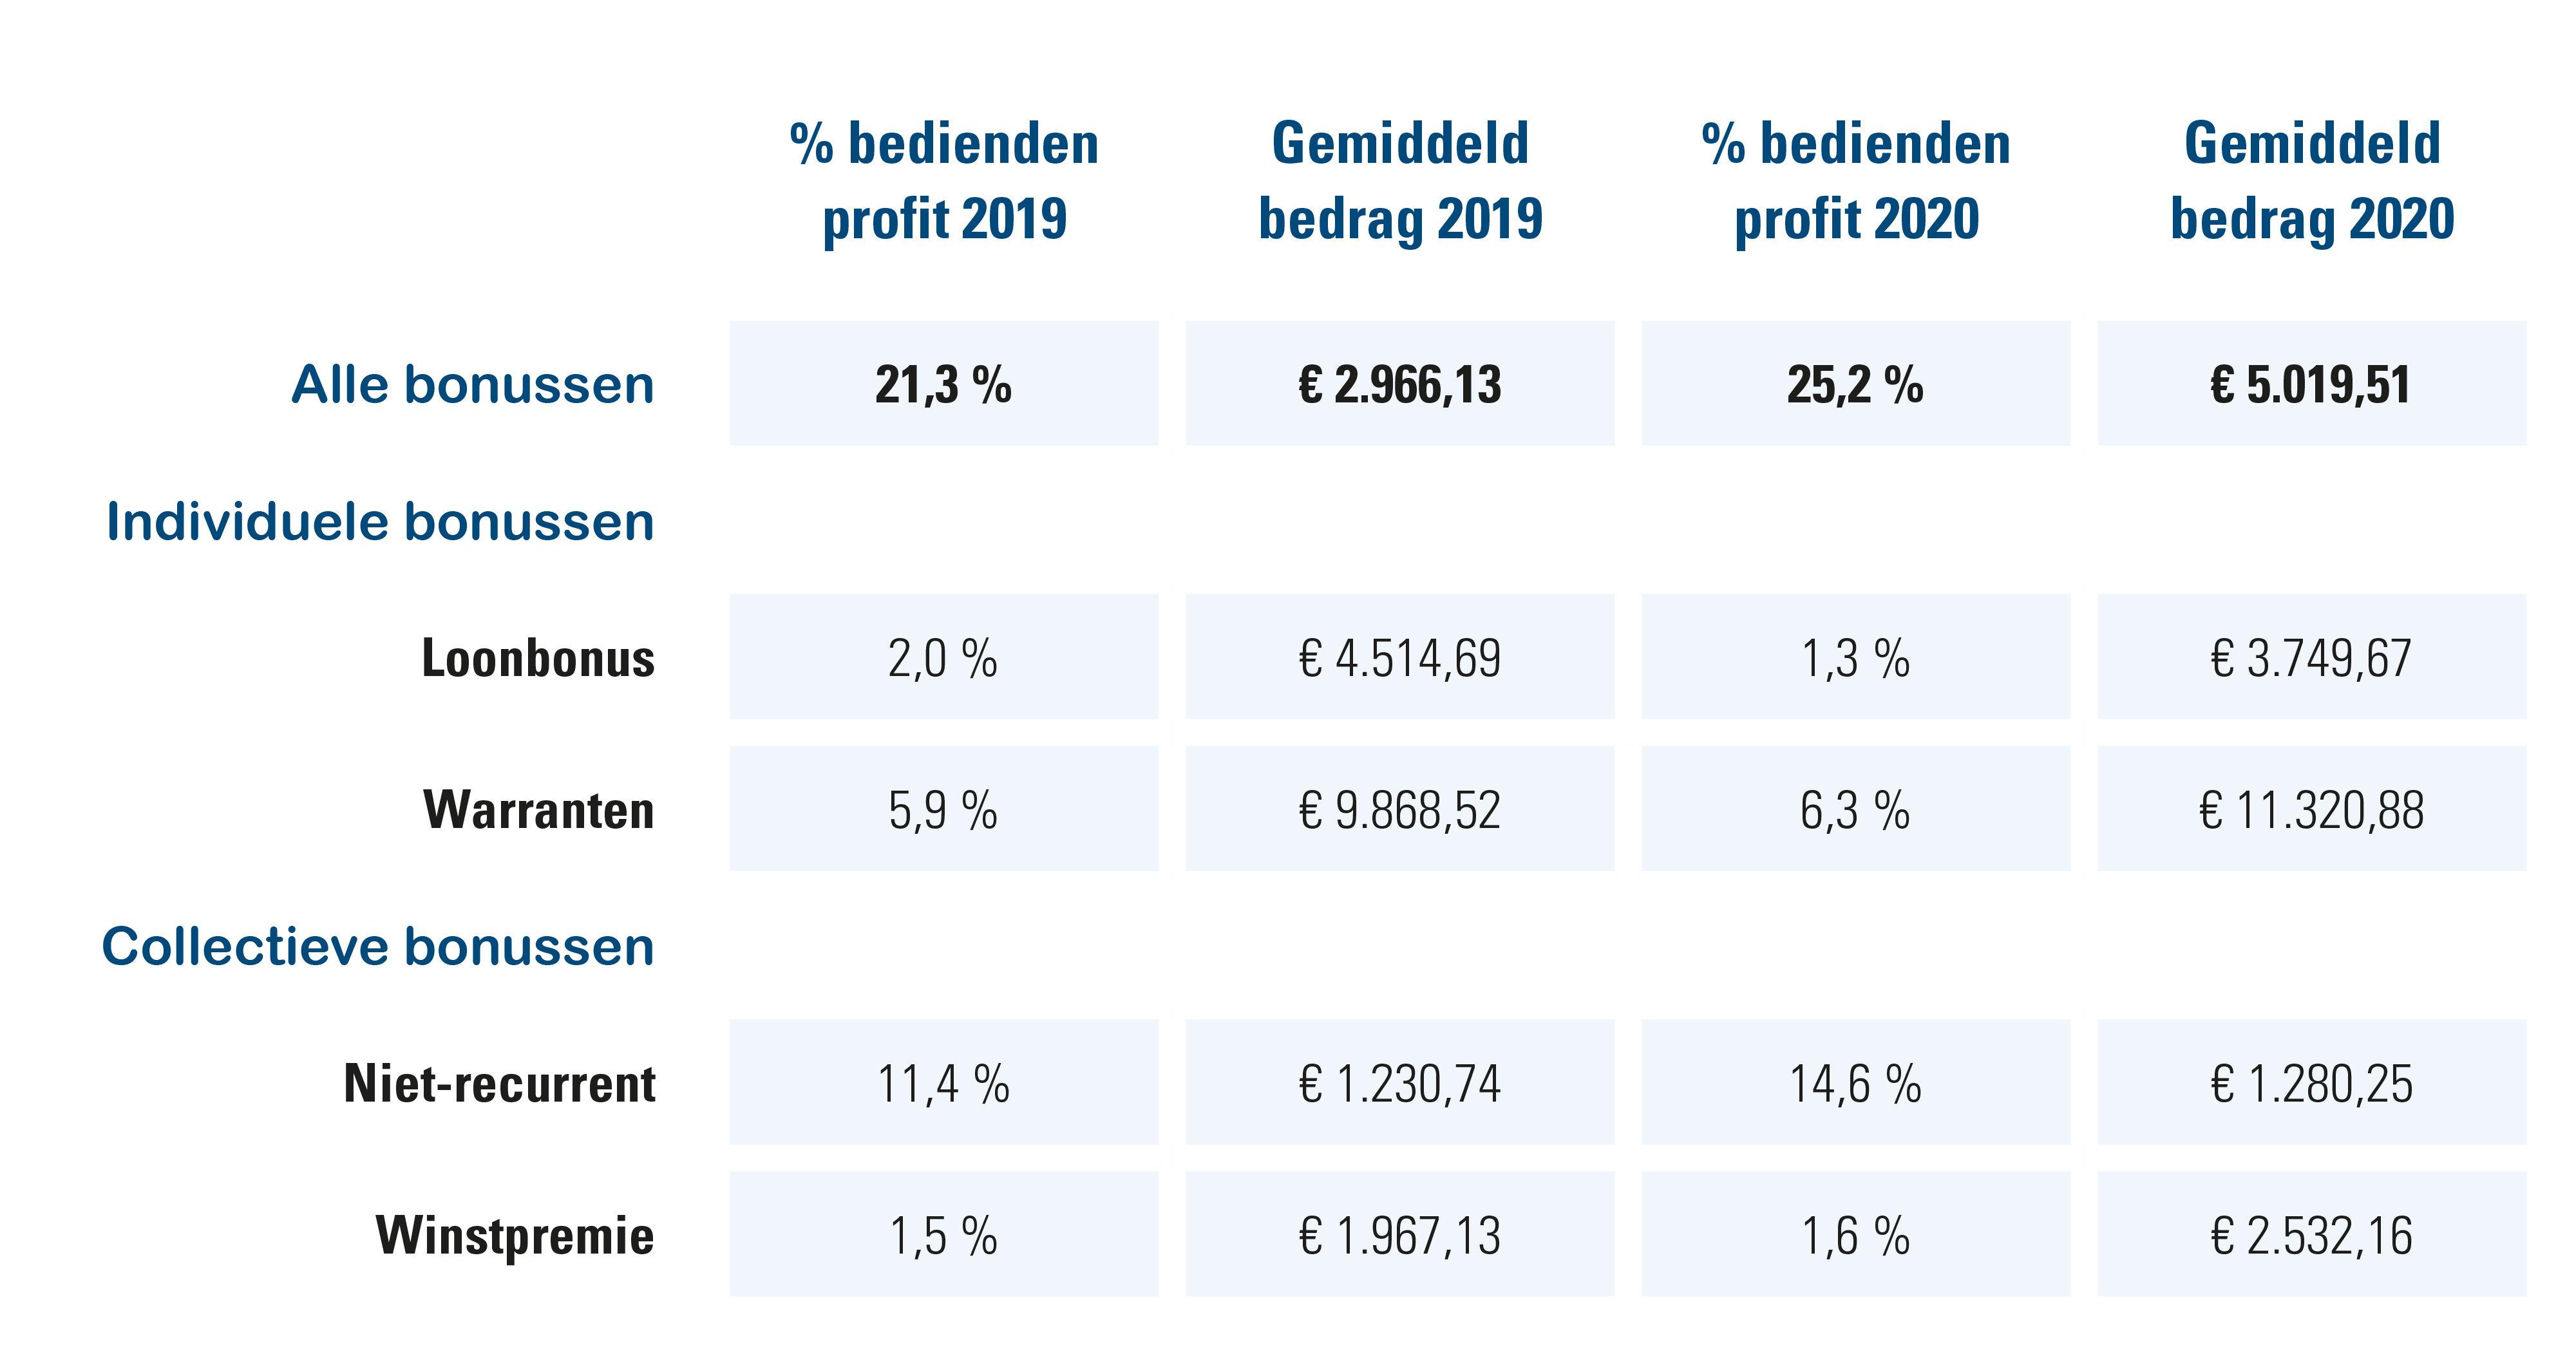 Overzicht bonussen bedienden profit in % en bedragen, 2019 vs. 2020